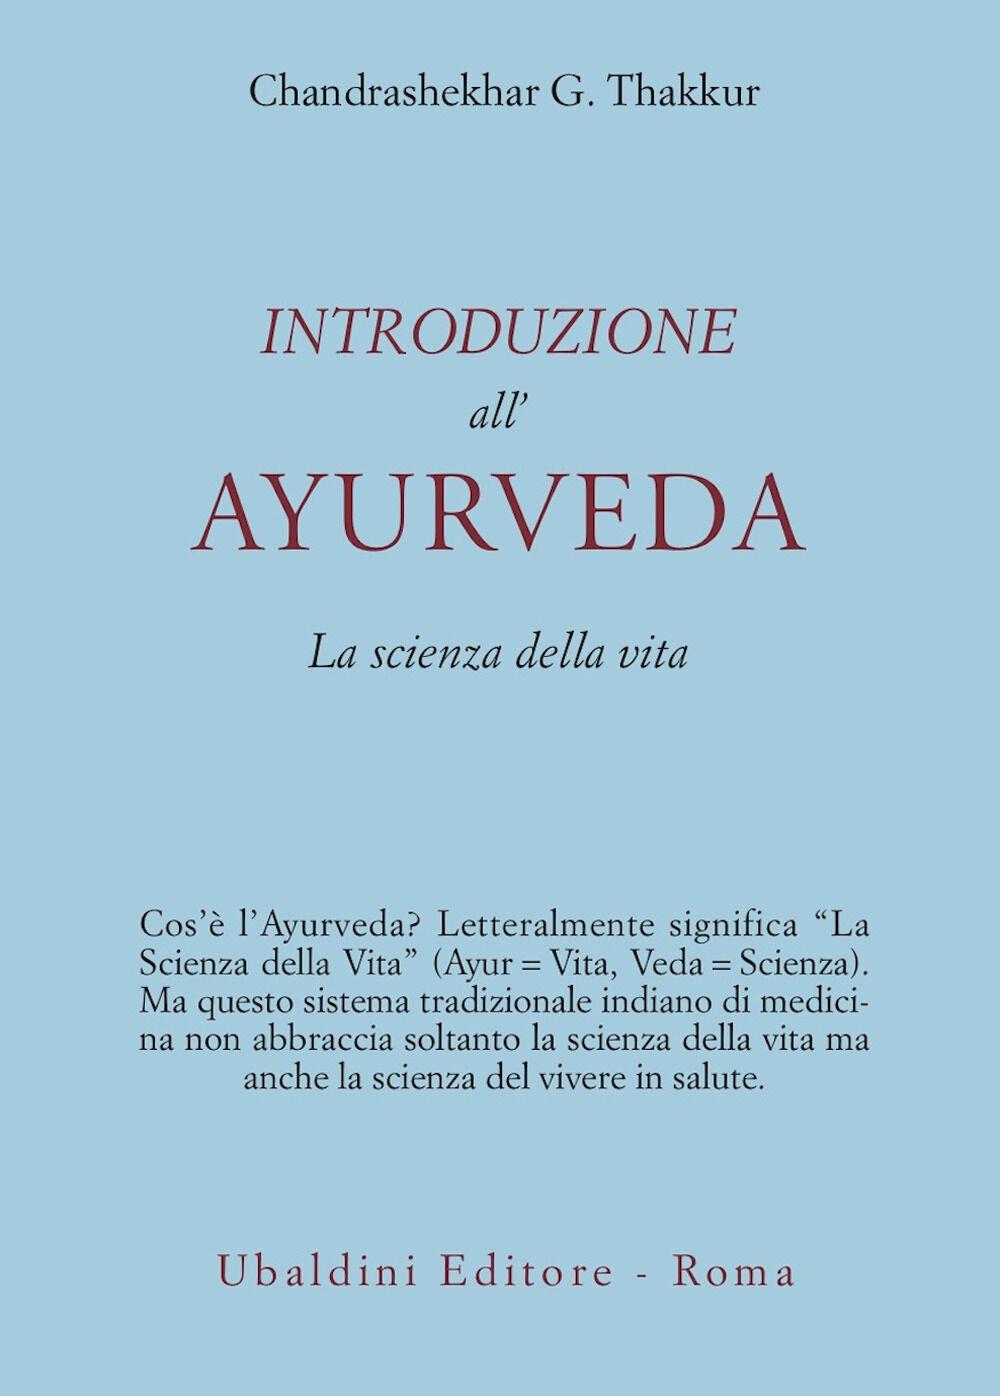 Introduzione all'Ayurveda. La scienza della vita